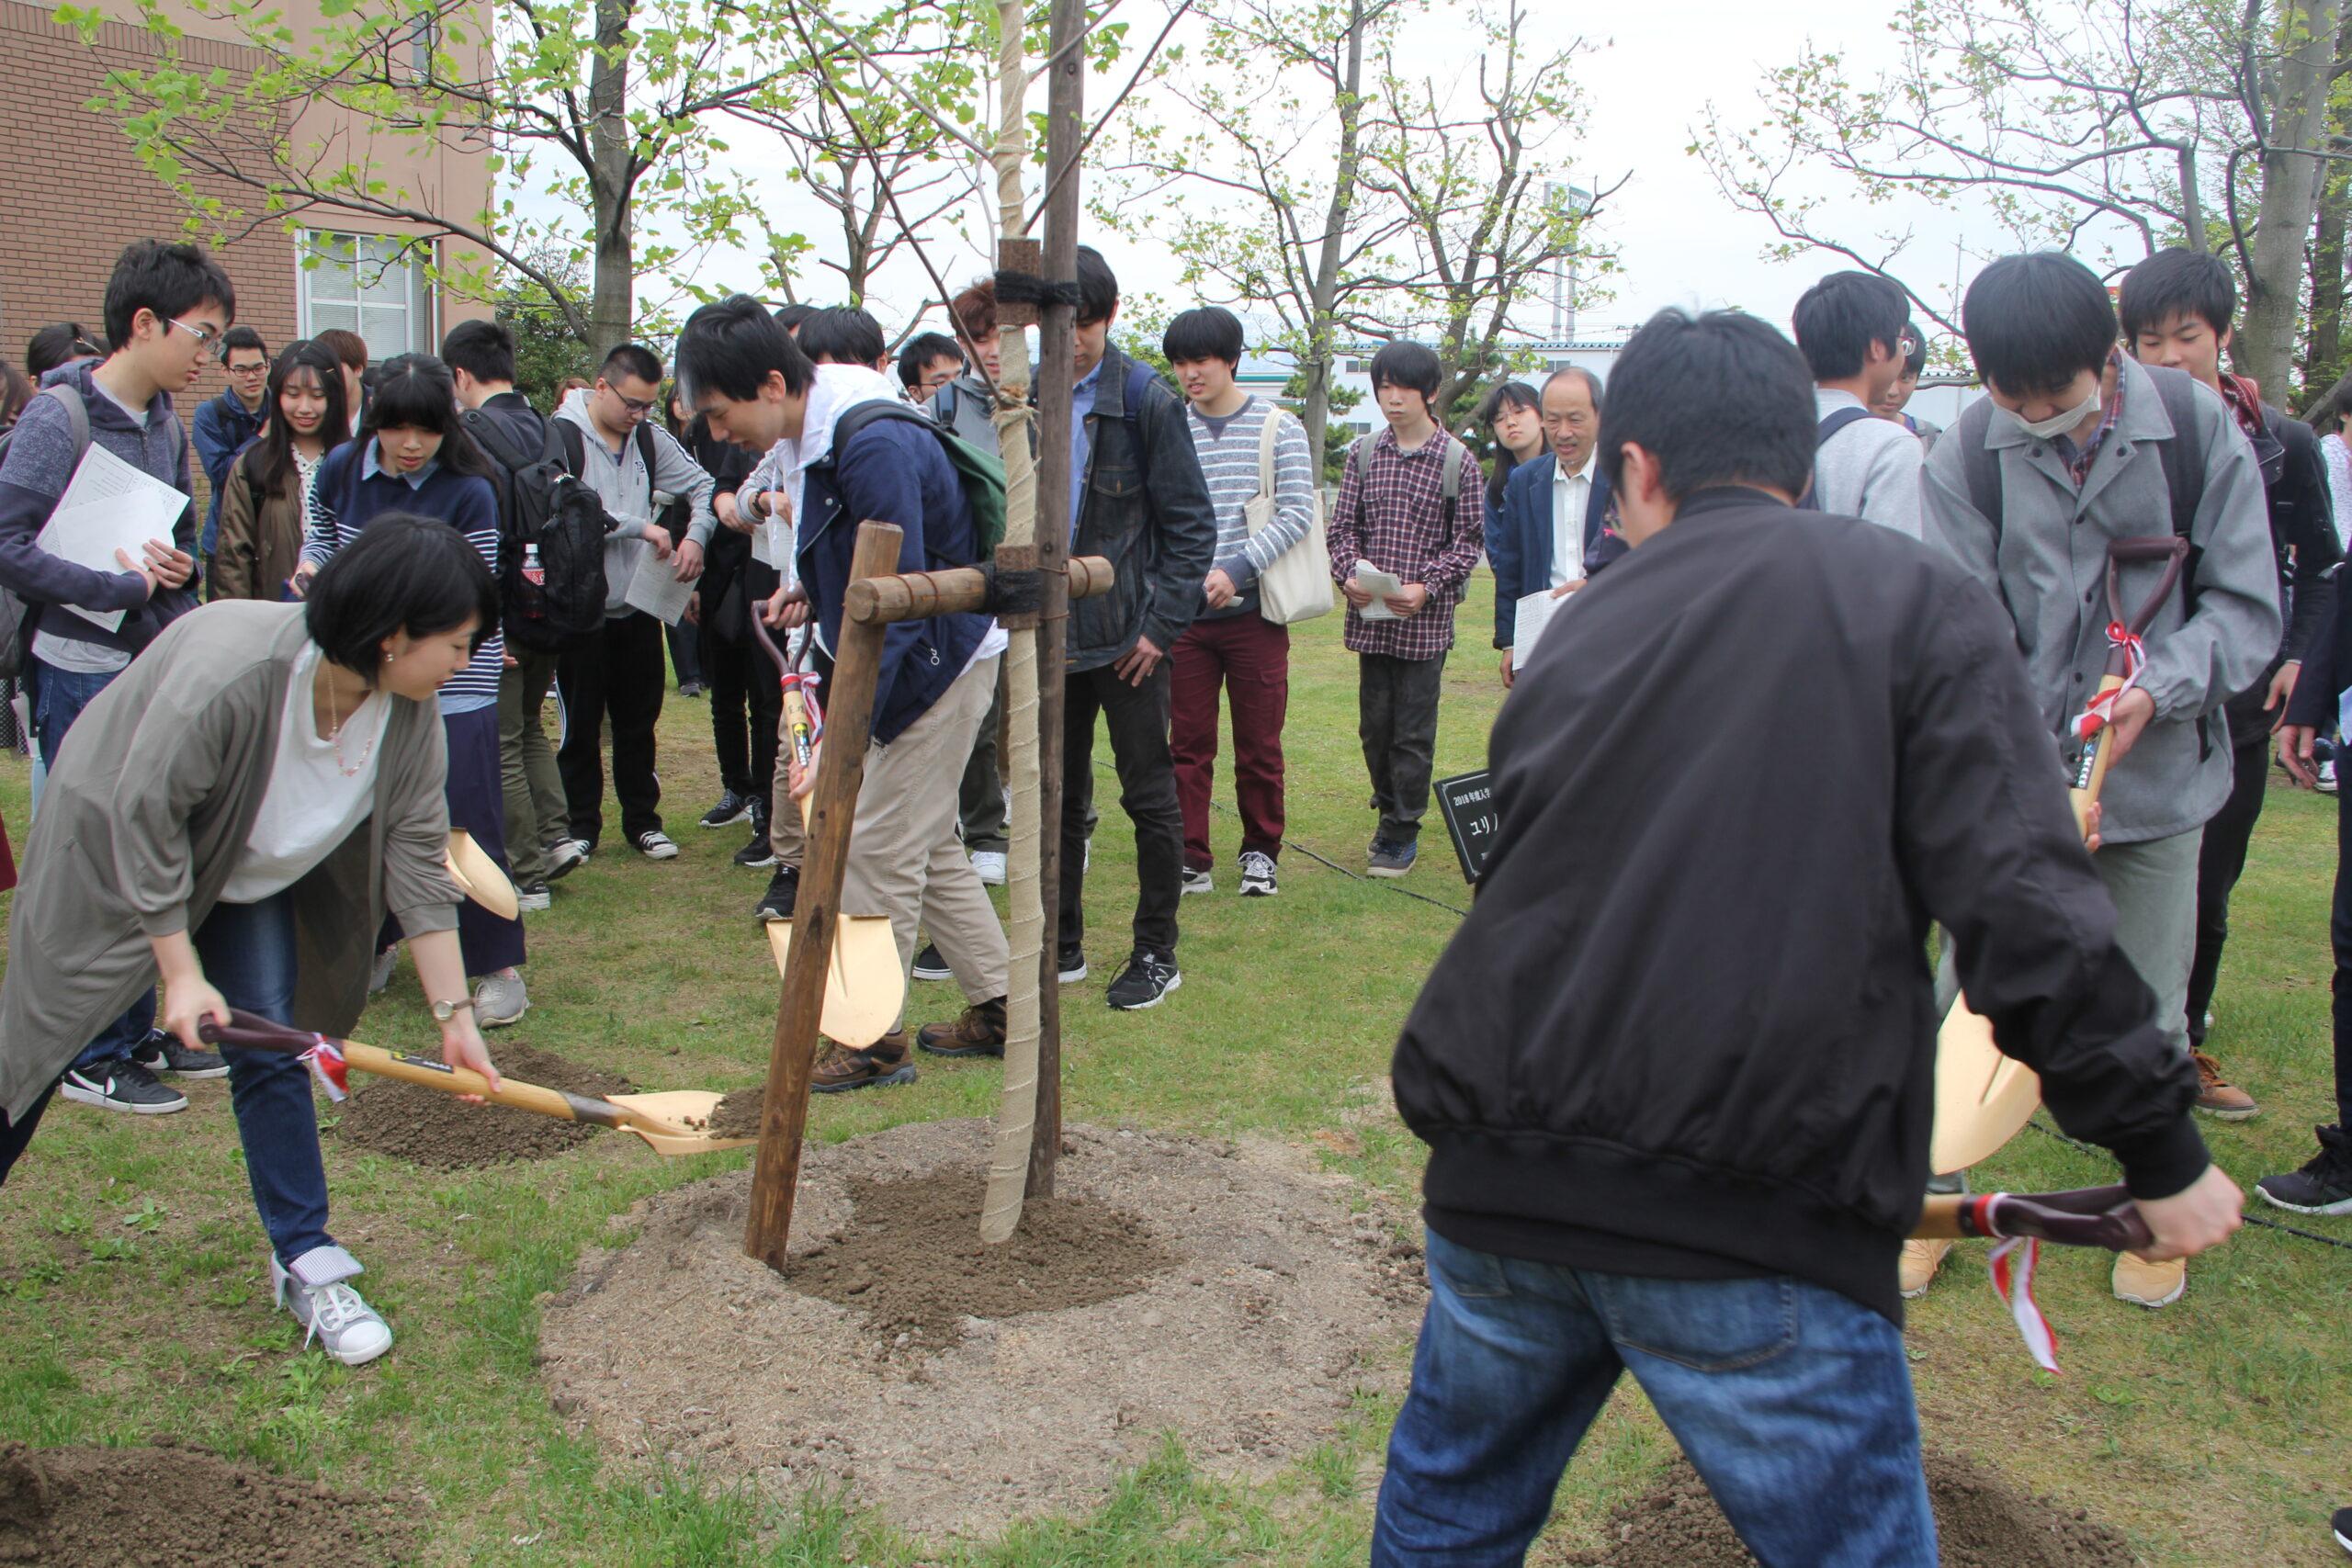 新入生の成長を祈って植樹式を行いました